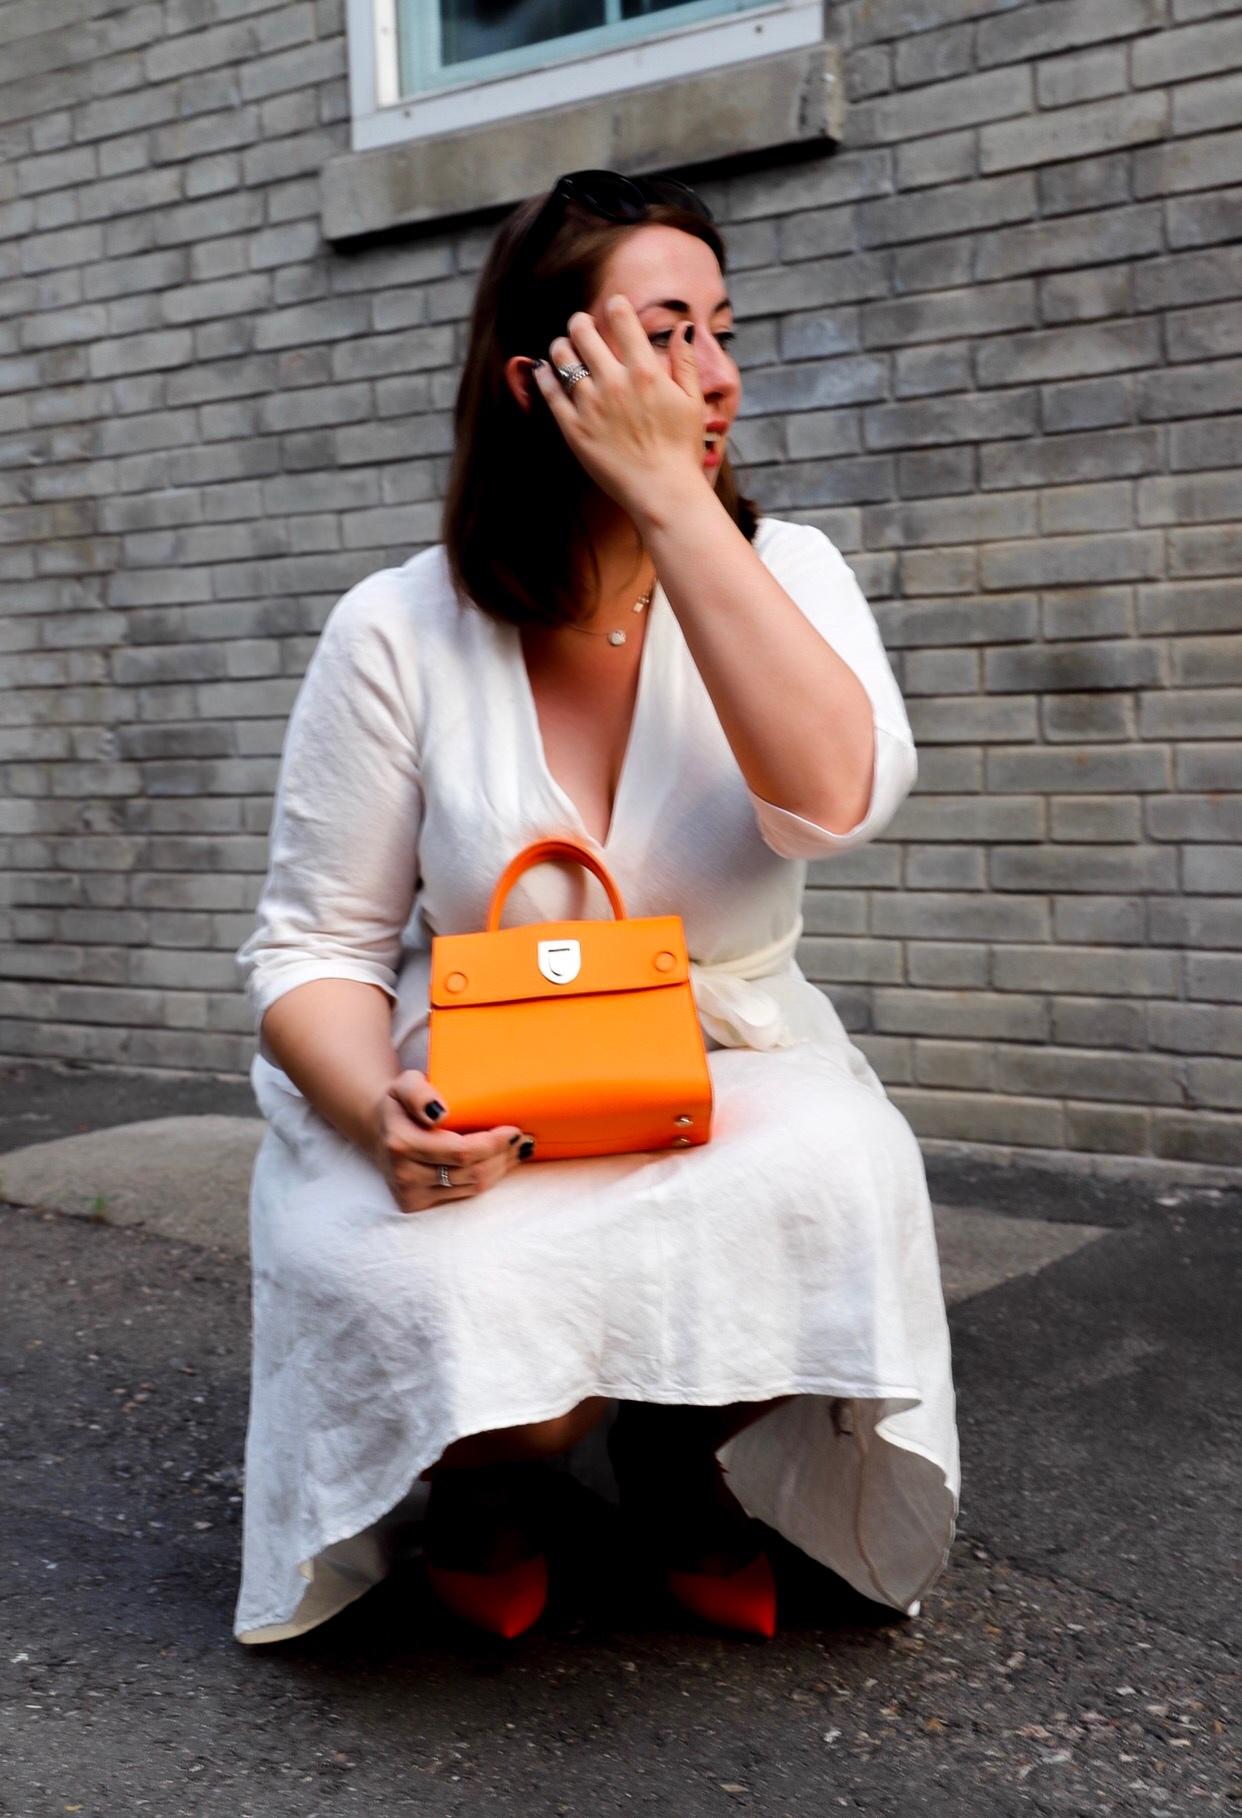 Weißes-Leinenkleid-Leinen-kombinieren-Dior-Ever-Diorever-Orange-Susanne-Heidebach-Miss-Suzie-Loves-Curvyblogger